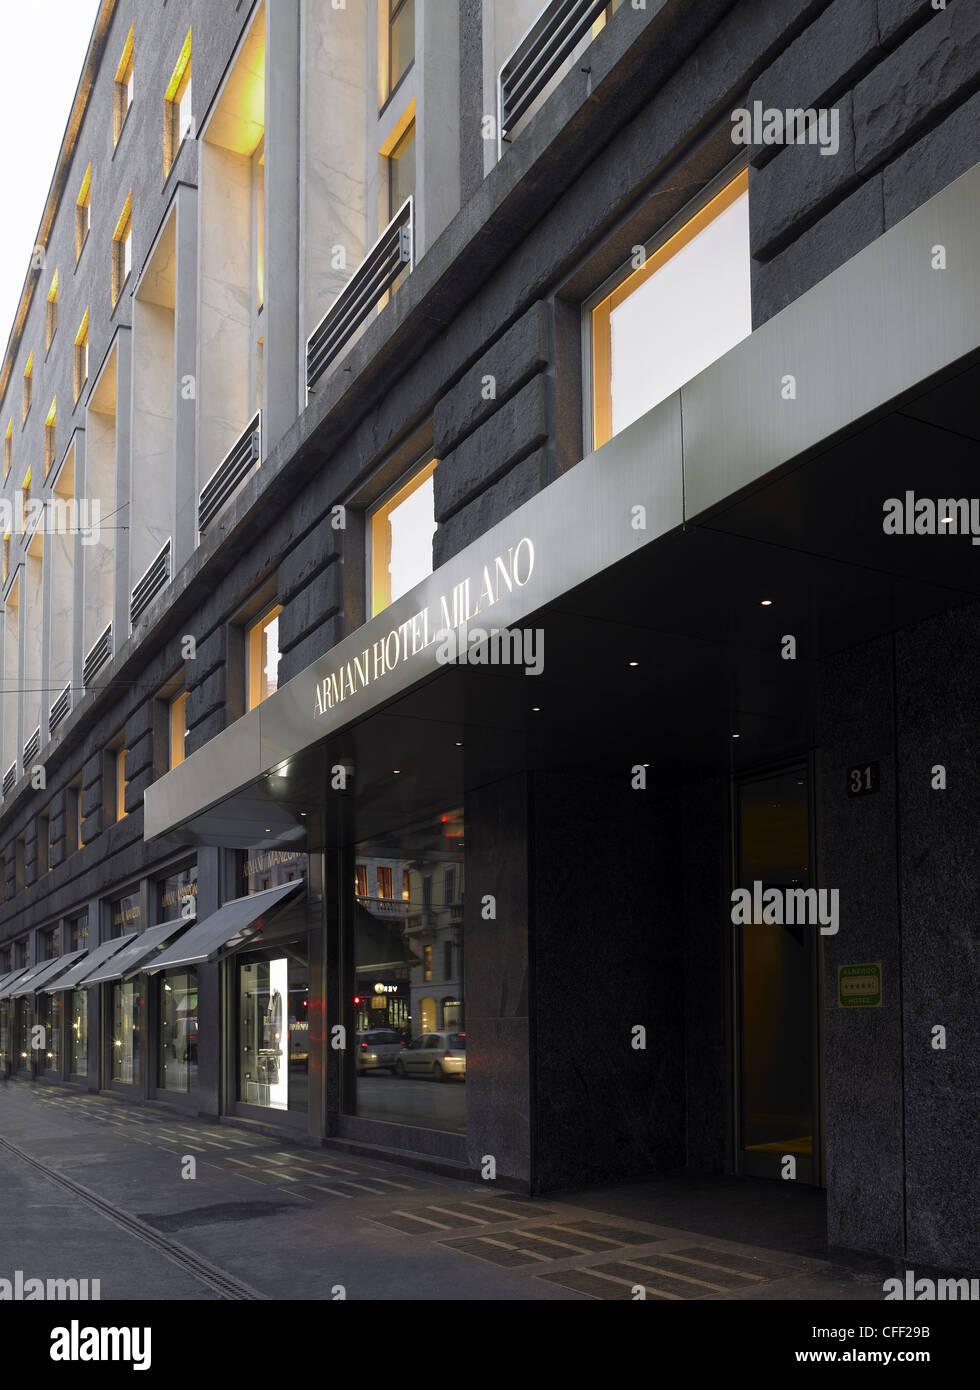 Armani Hotel Milano In 2019: Armani Hotel Milano Stock Photos & Armani Hotel Milano